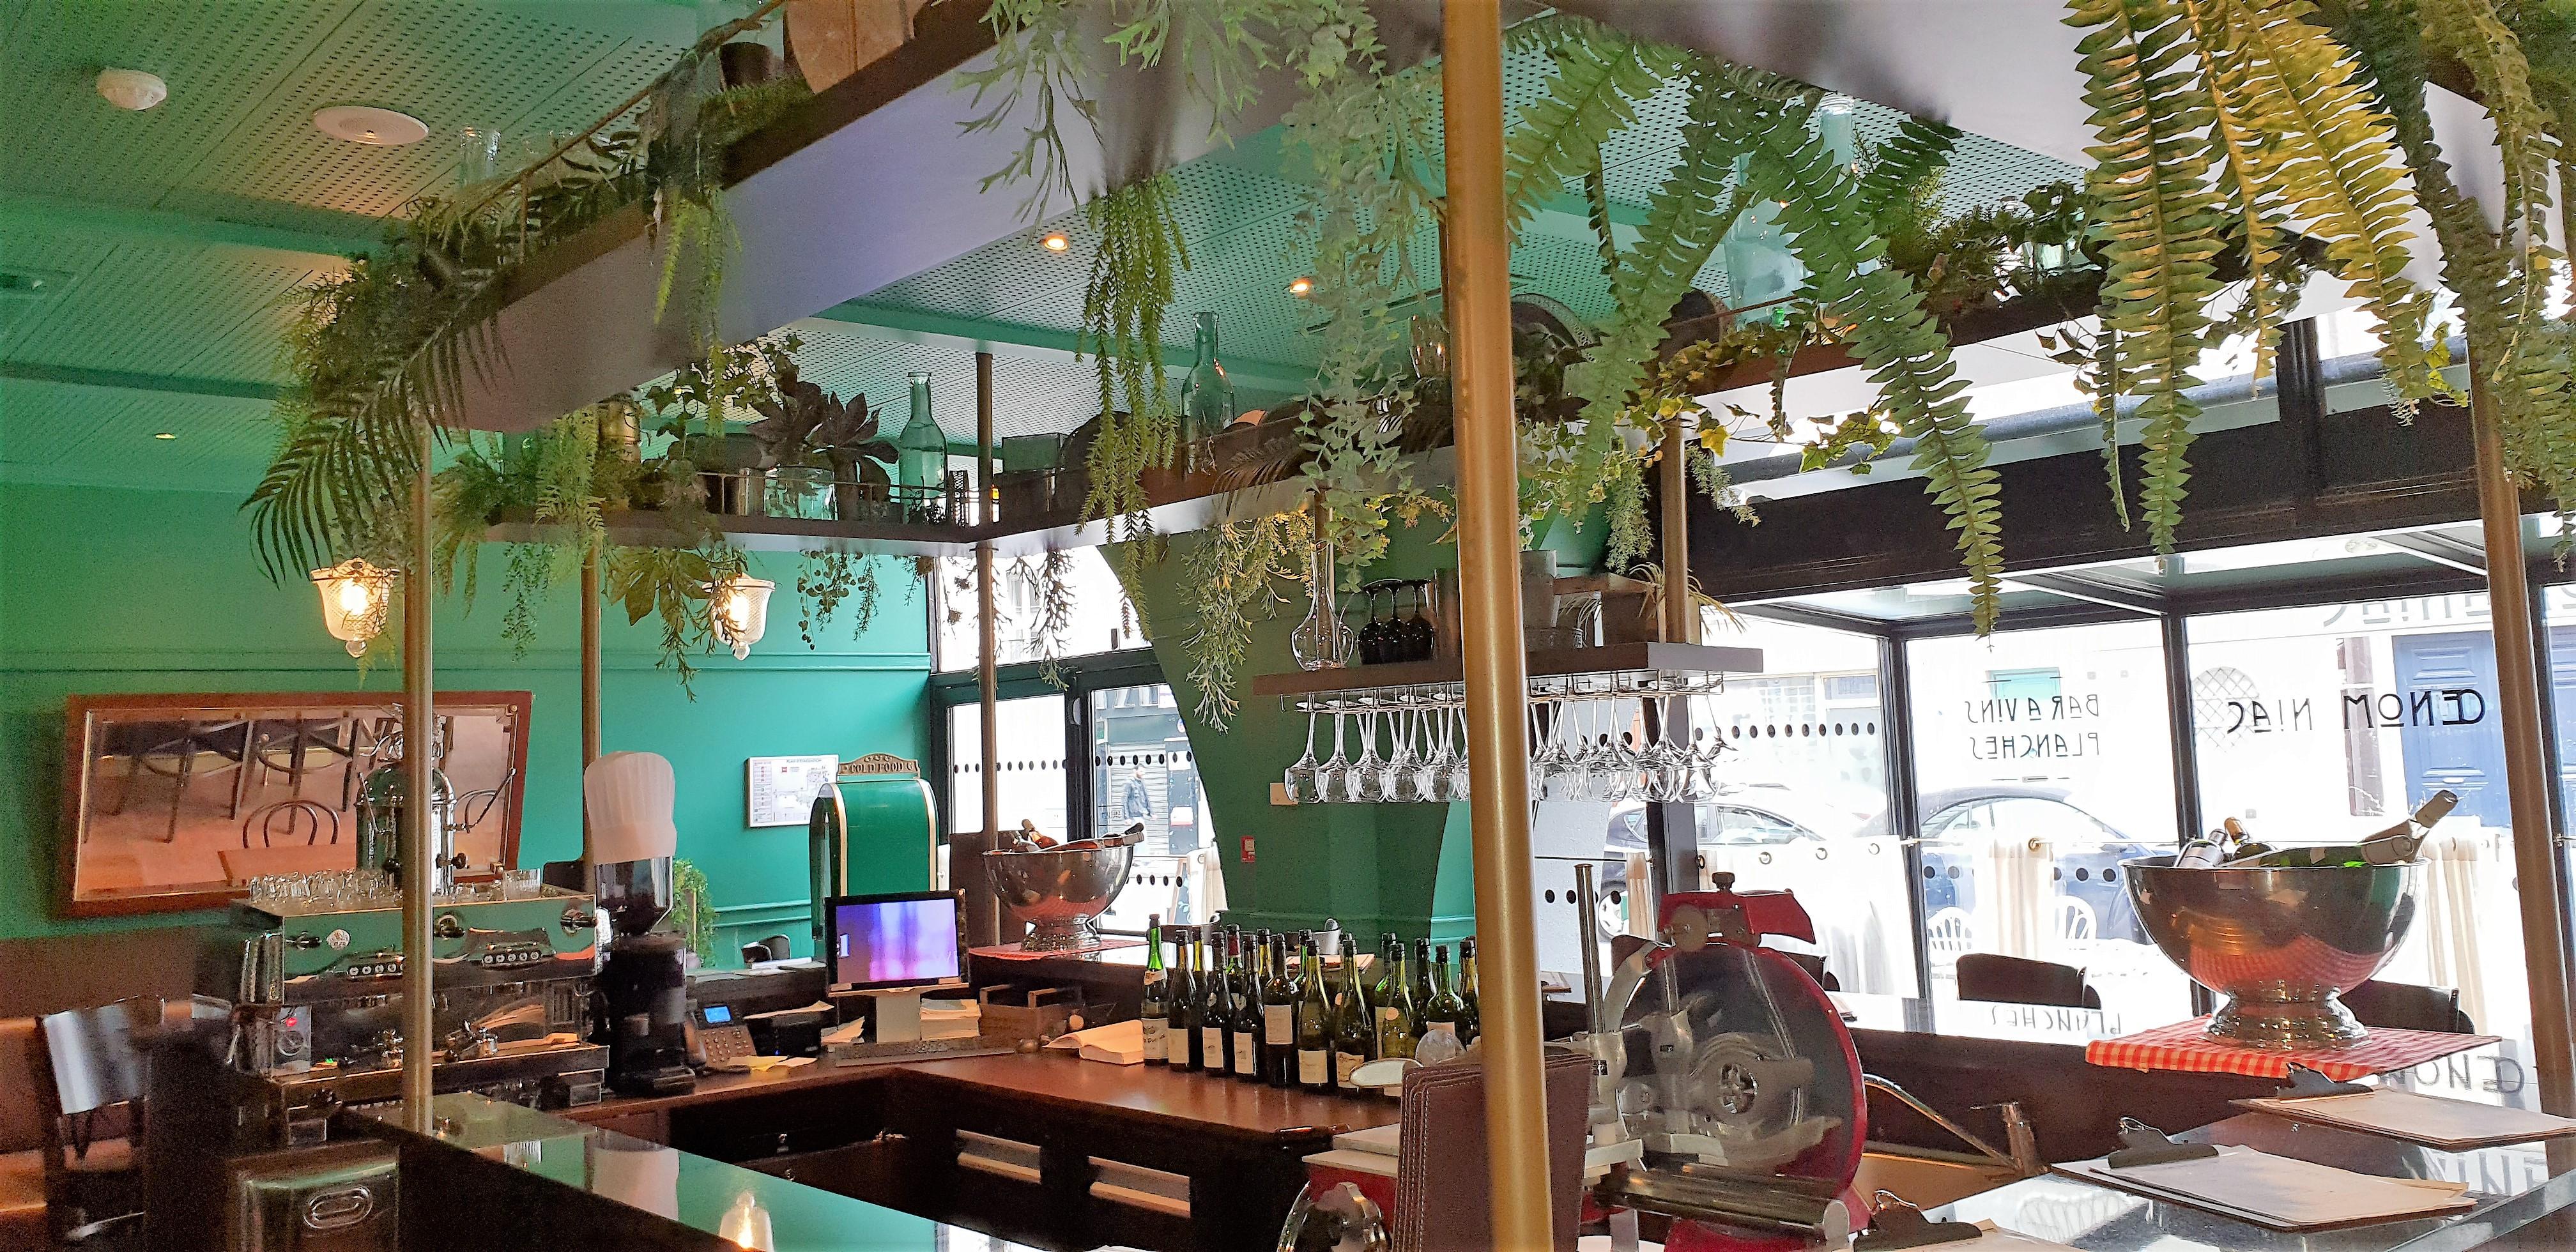 Maison De La Norvege Paris Restaurant